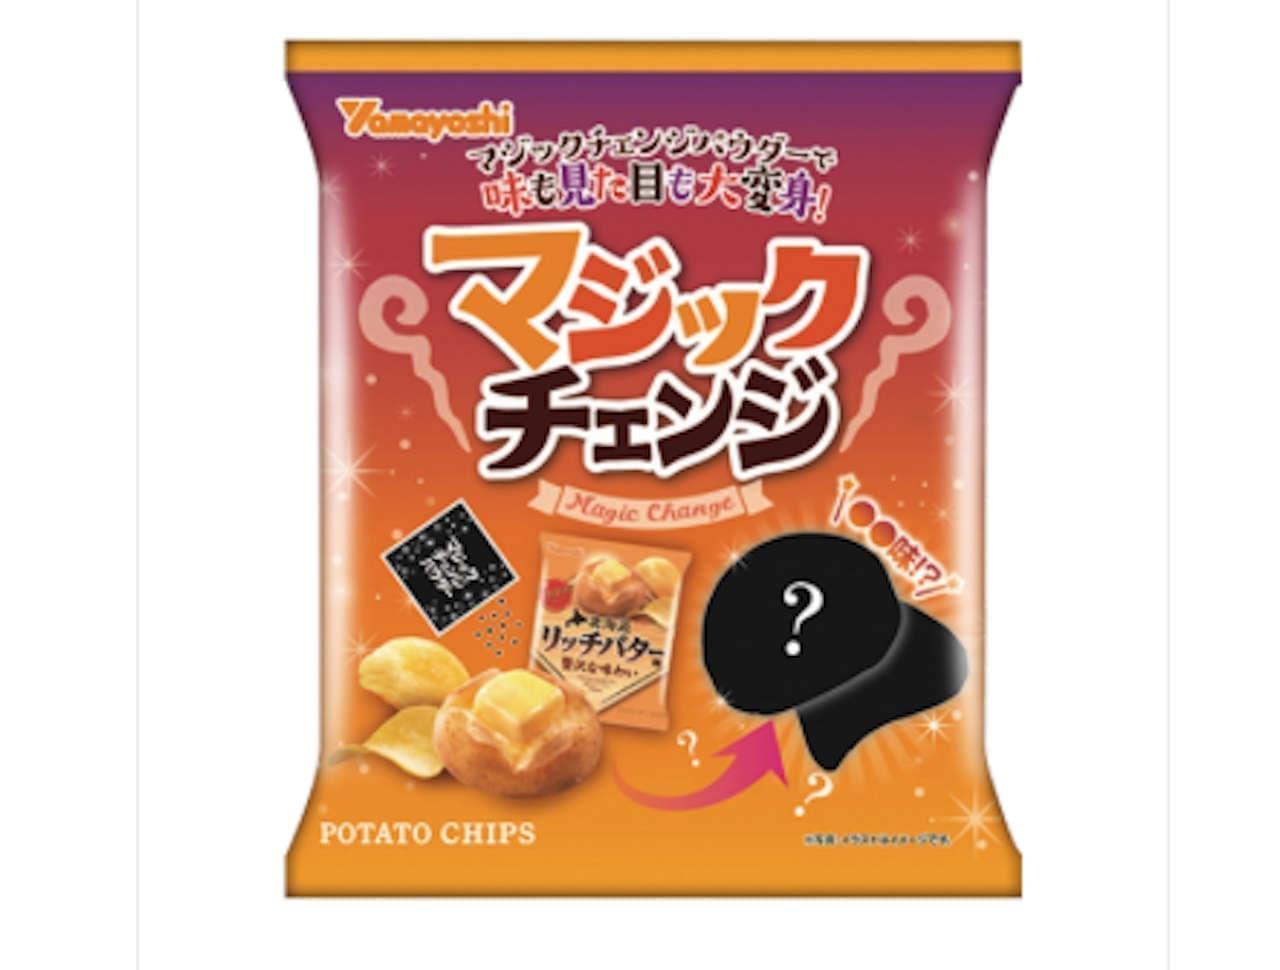 ファミマ「山芳 ポテトチップス マジックチェンジ」